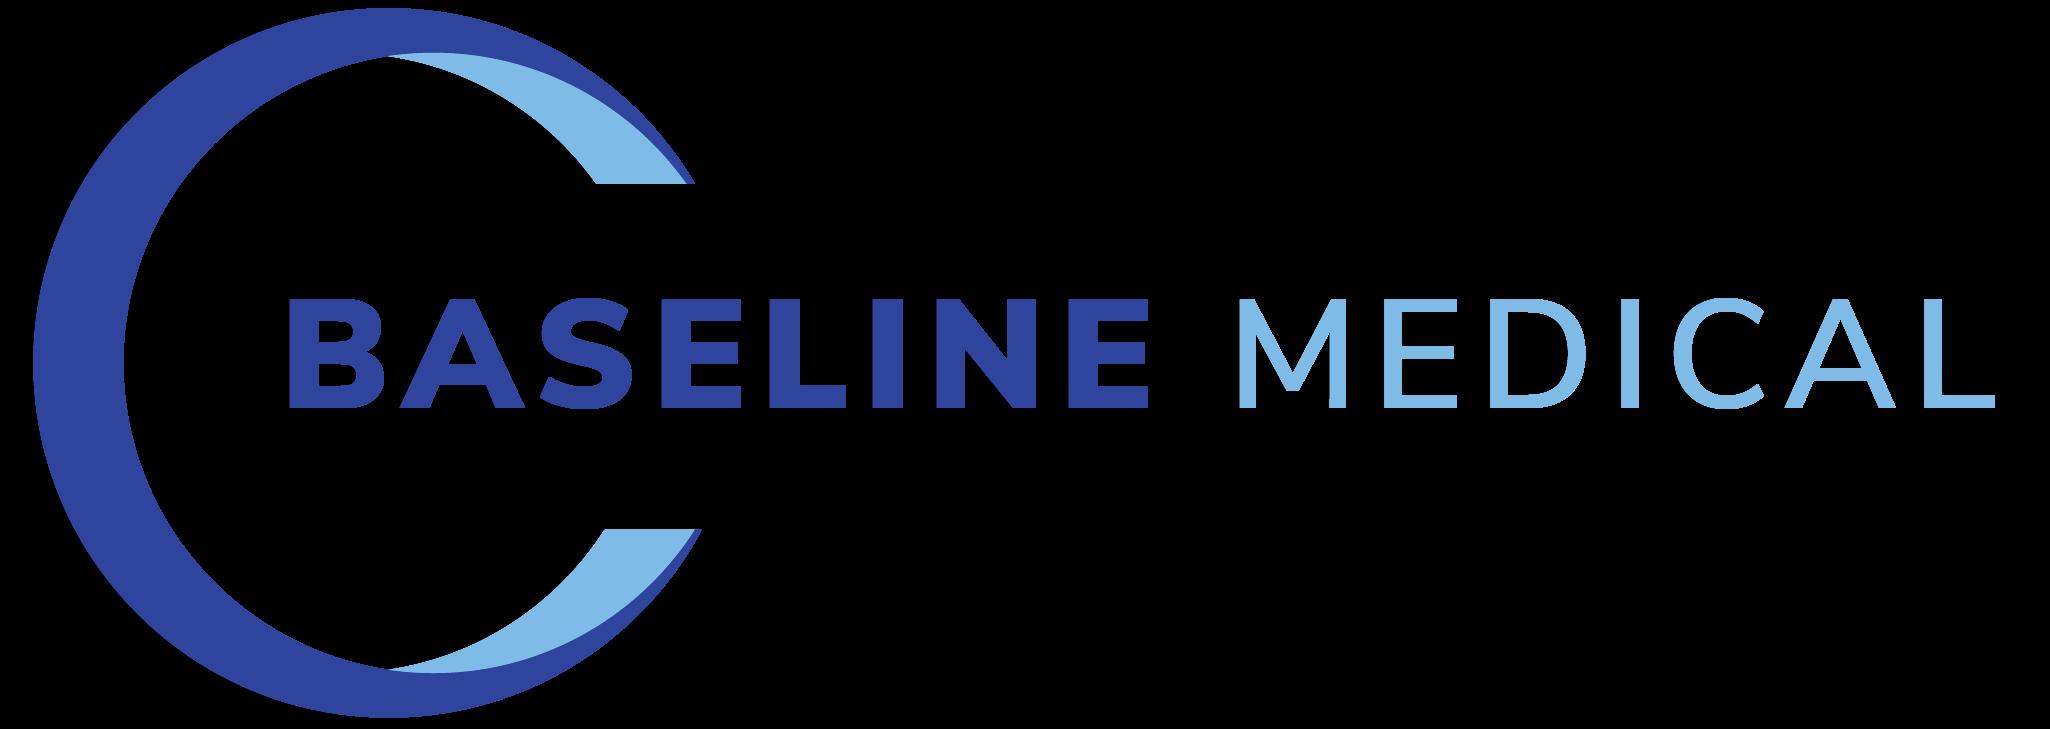 Baseline Medical